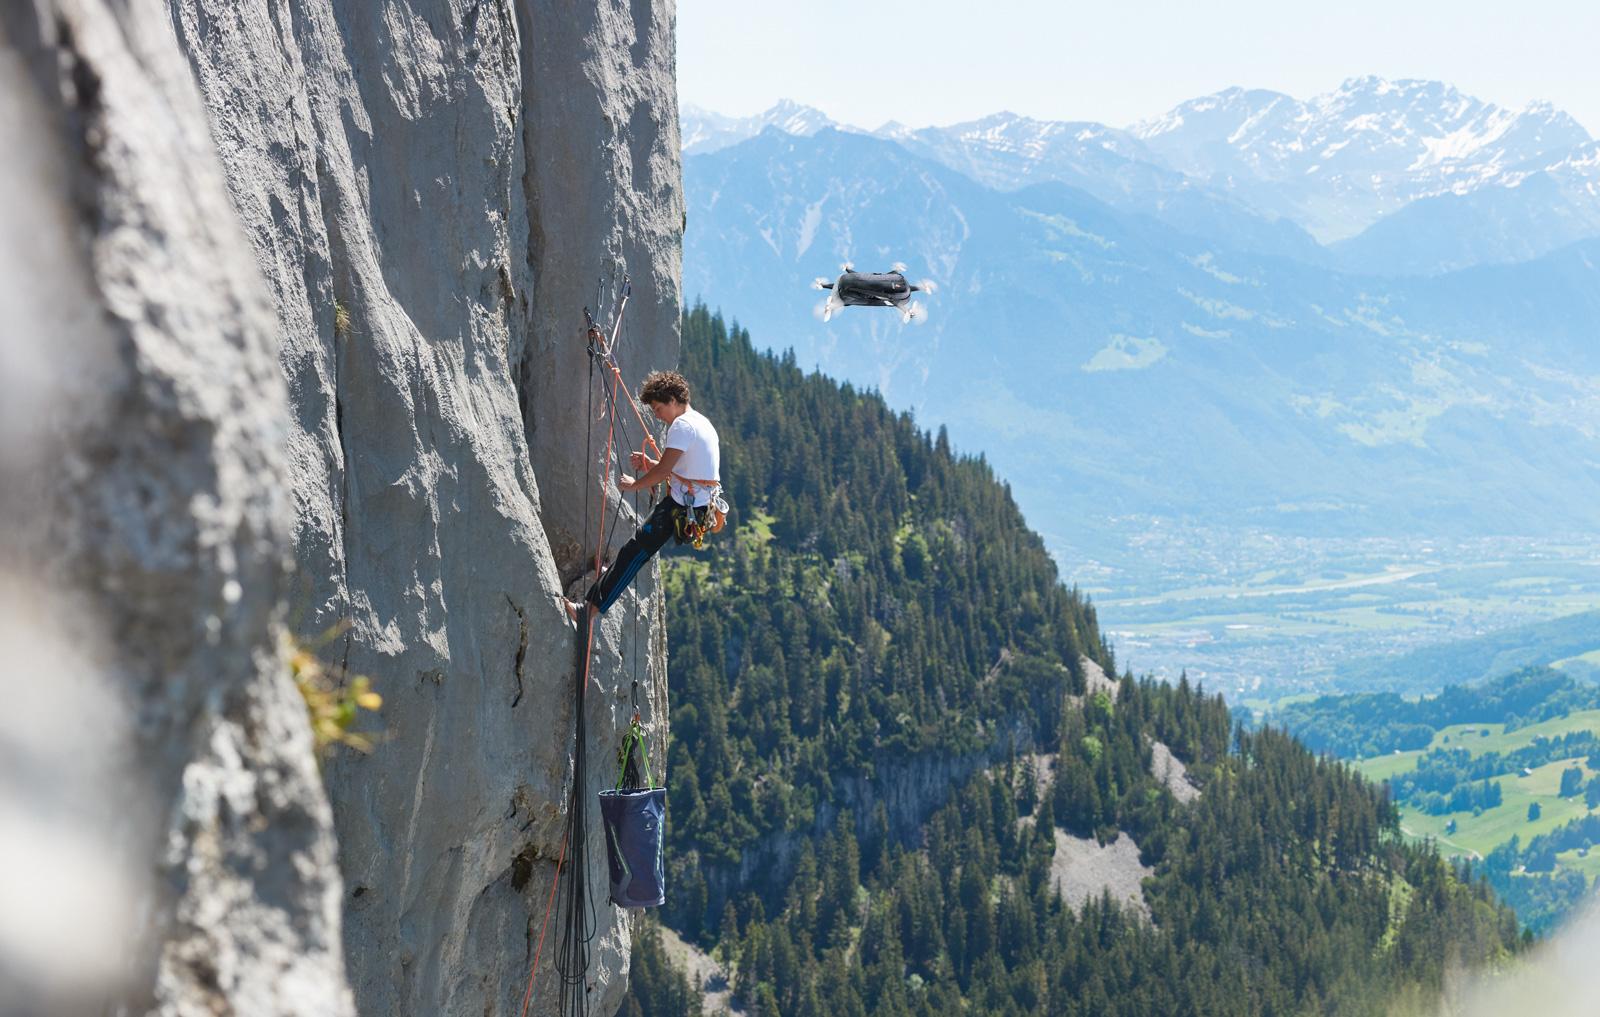 Edelrid Klettergurt Waschen : Being outdoor.de